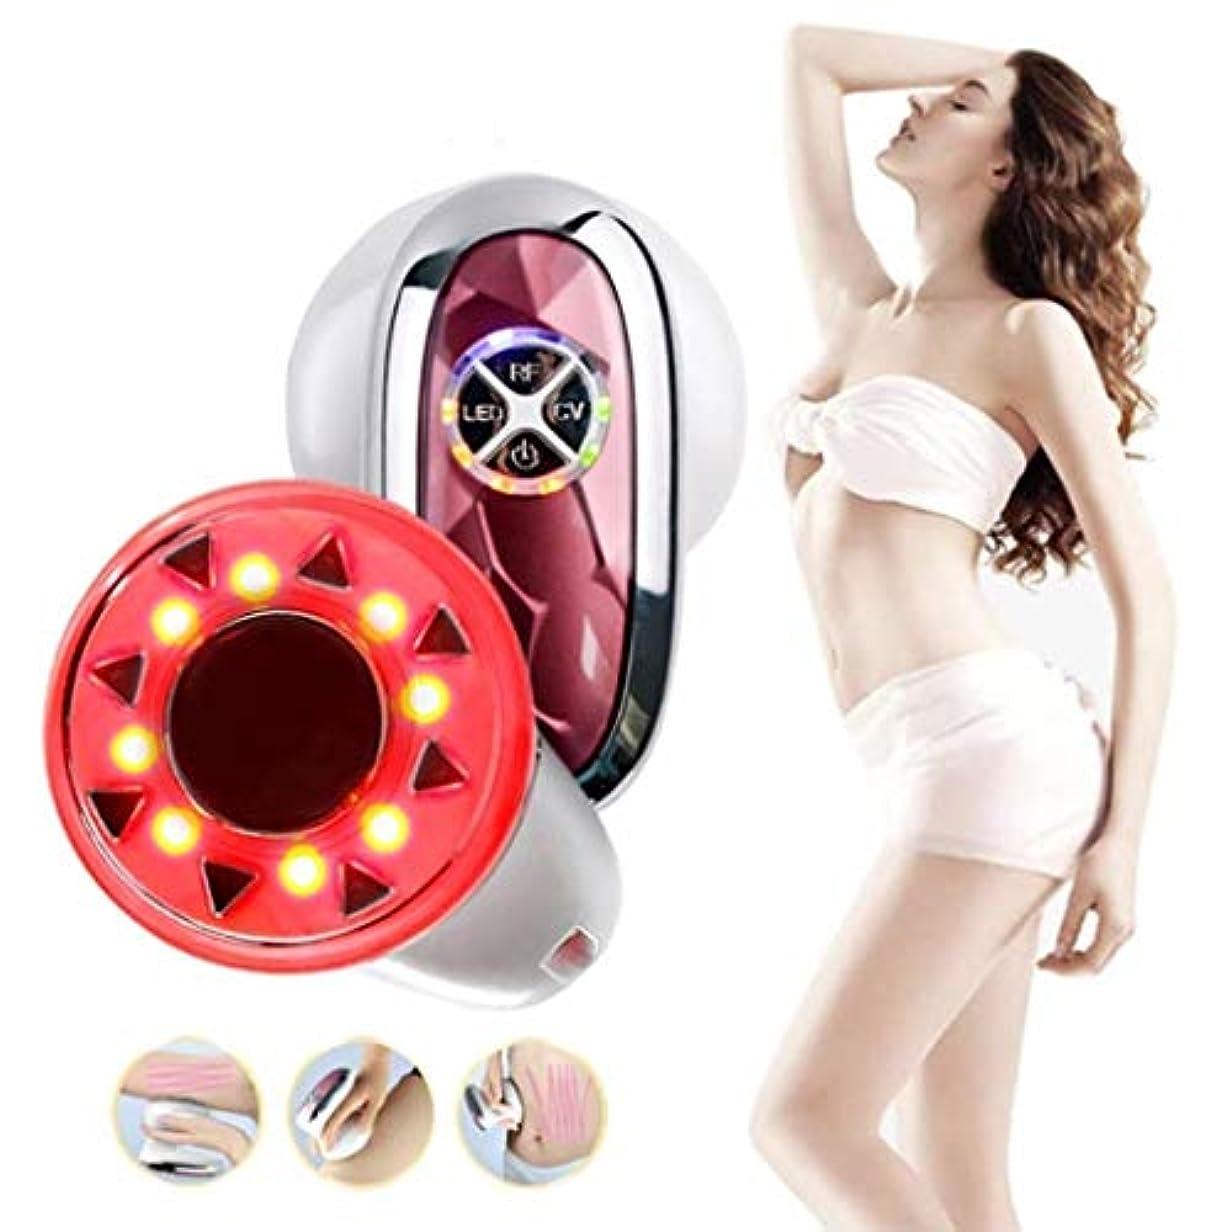 電気減量機、4-1 - ラジオ周波数マッサージ器、体の腹部、腰、脚、お尻、ボディマッサージ器、スキンケア機器